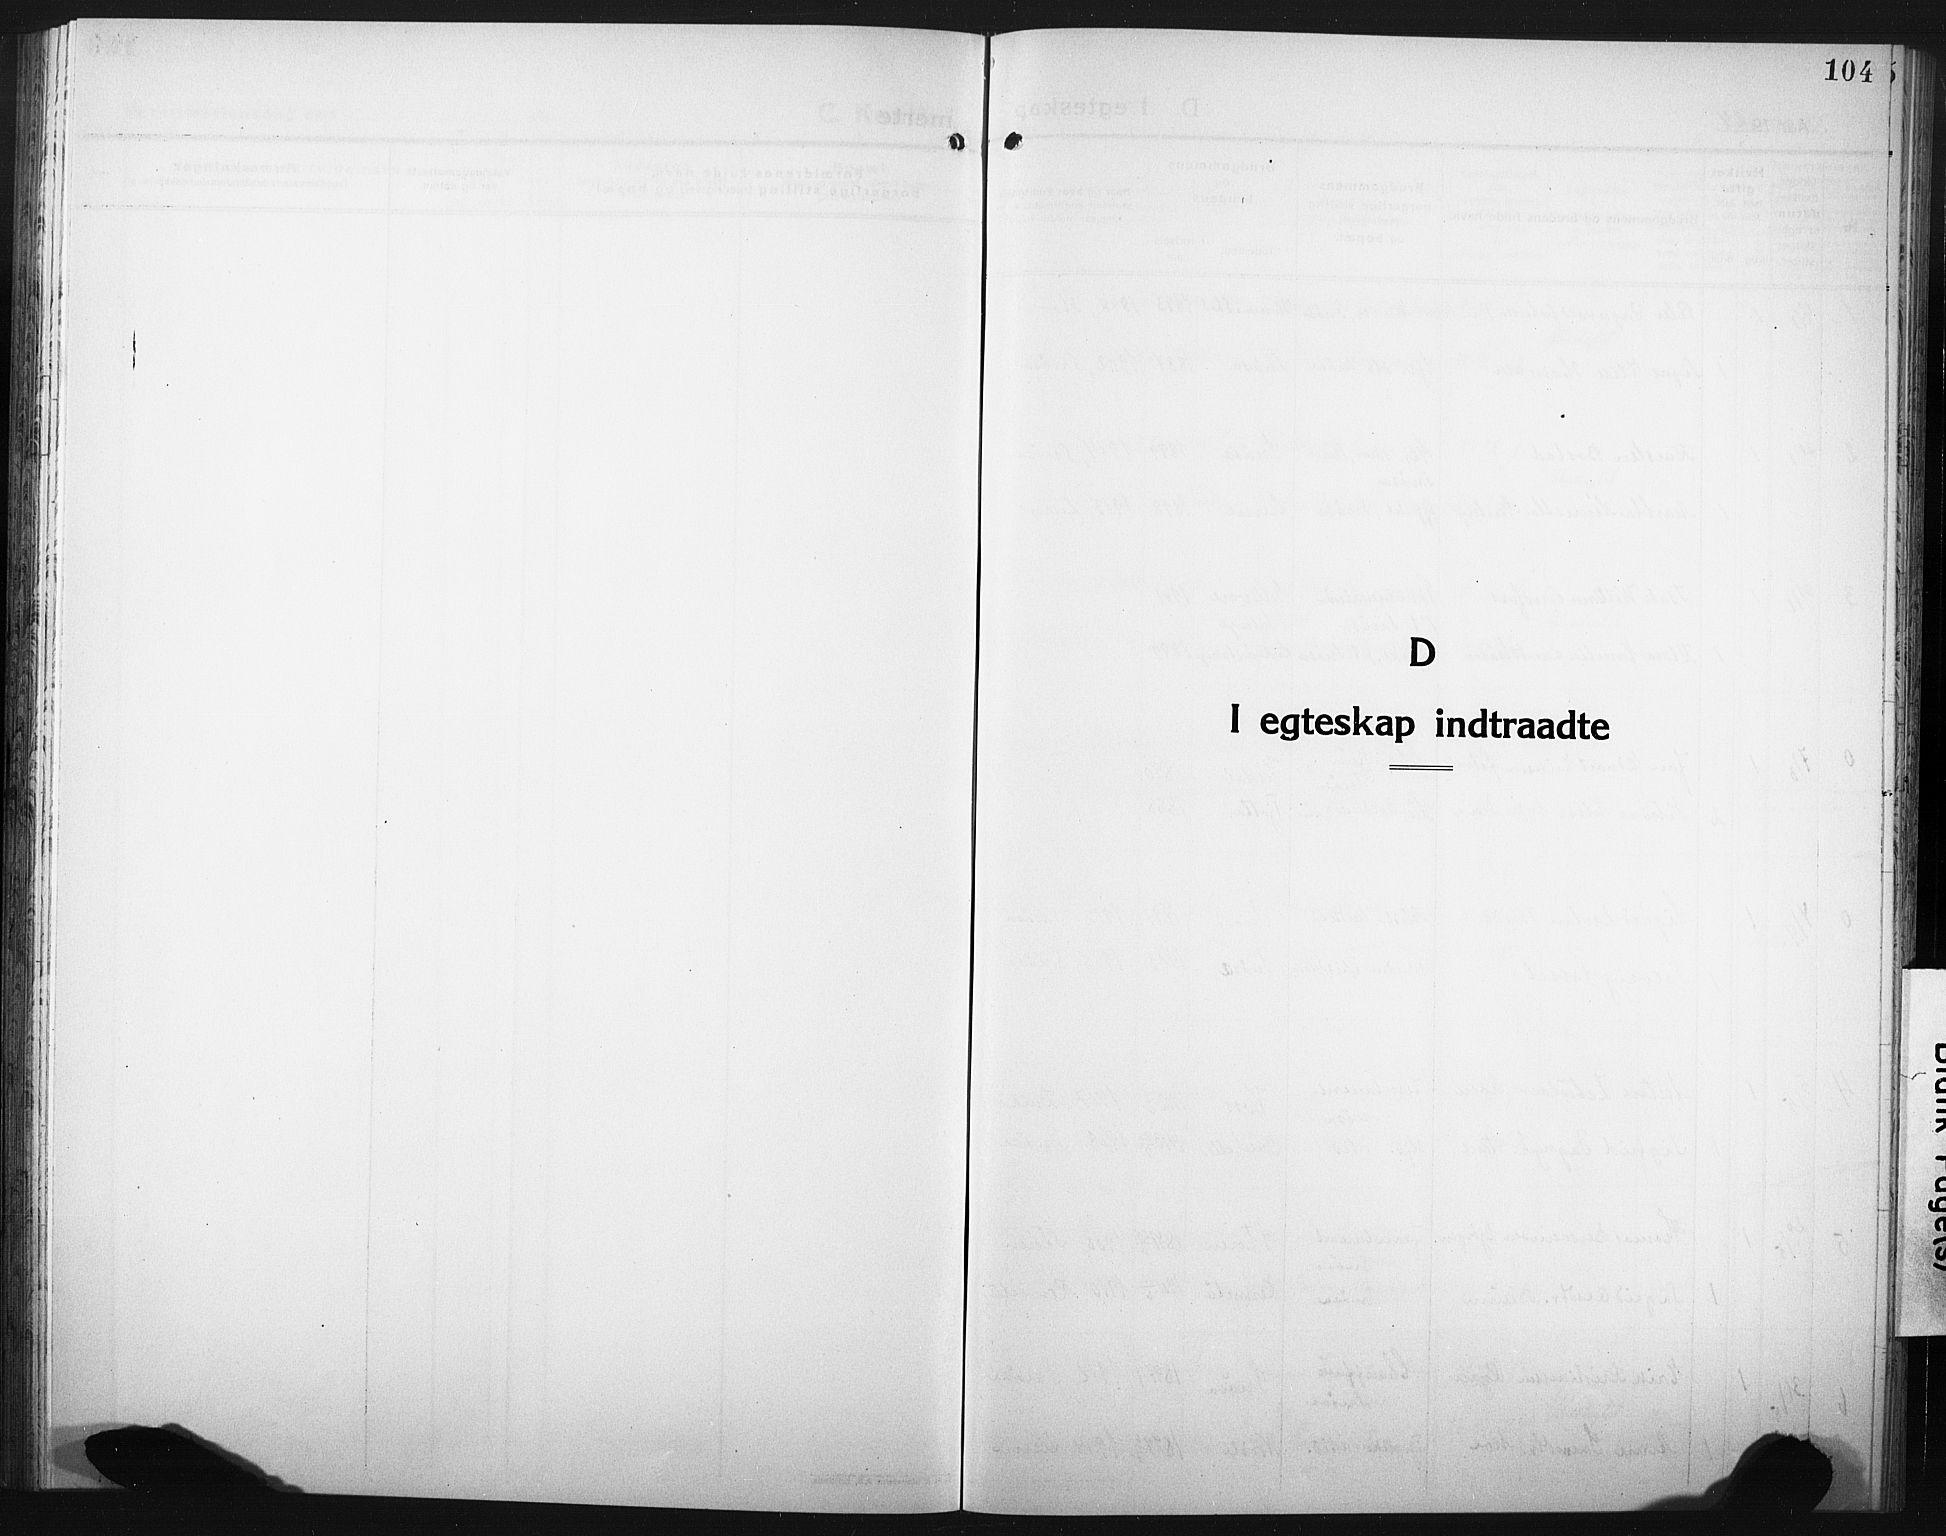 SAT, Ministerialprotokoller, klokkerbøker og fødselsregistre - Nord-Trøndelag, 749/L0480: Klokkerbok nr. 749C02, 1924-1932, s. 104